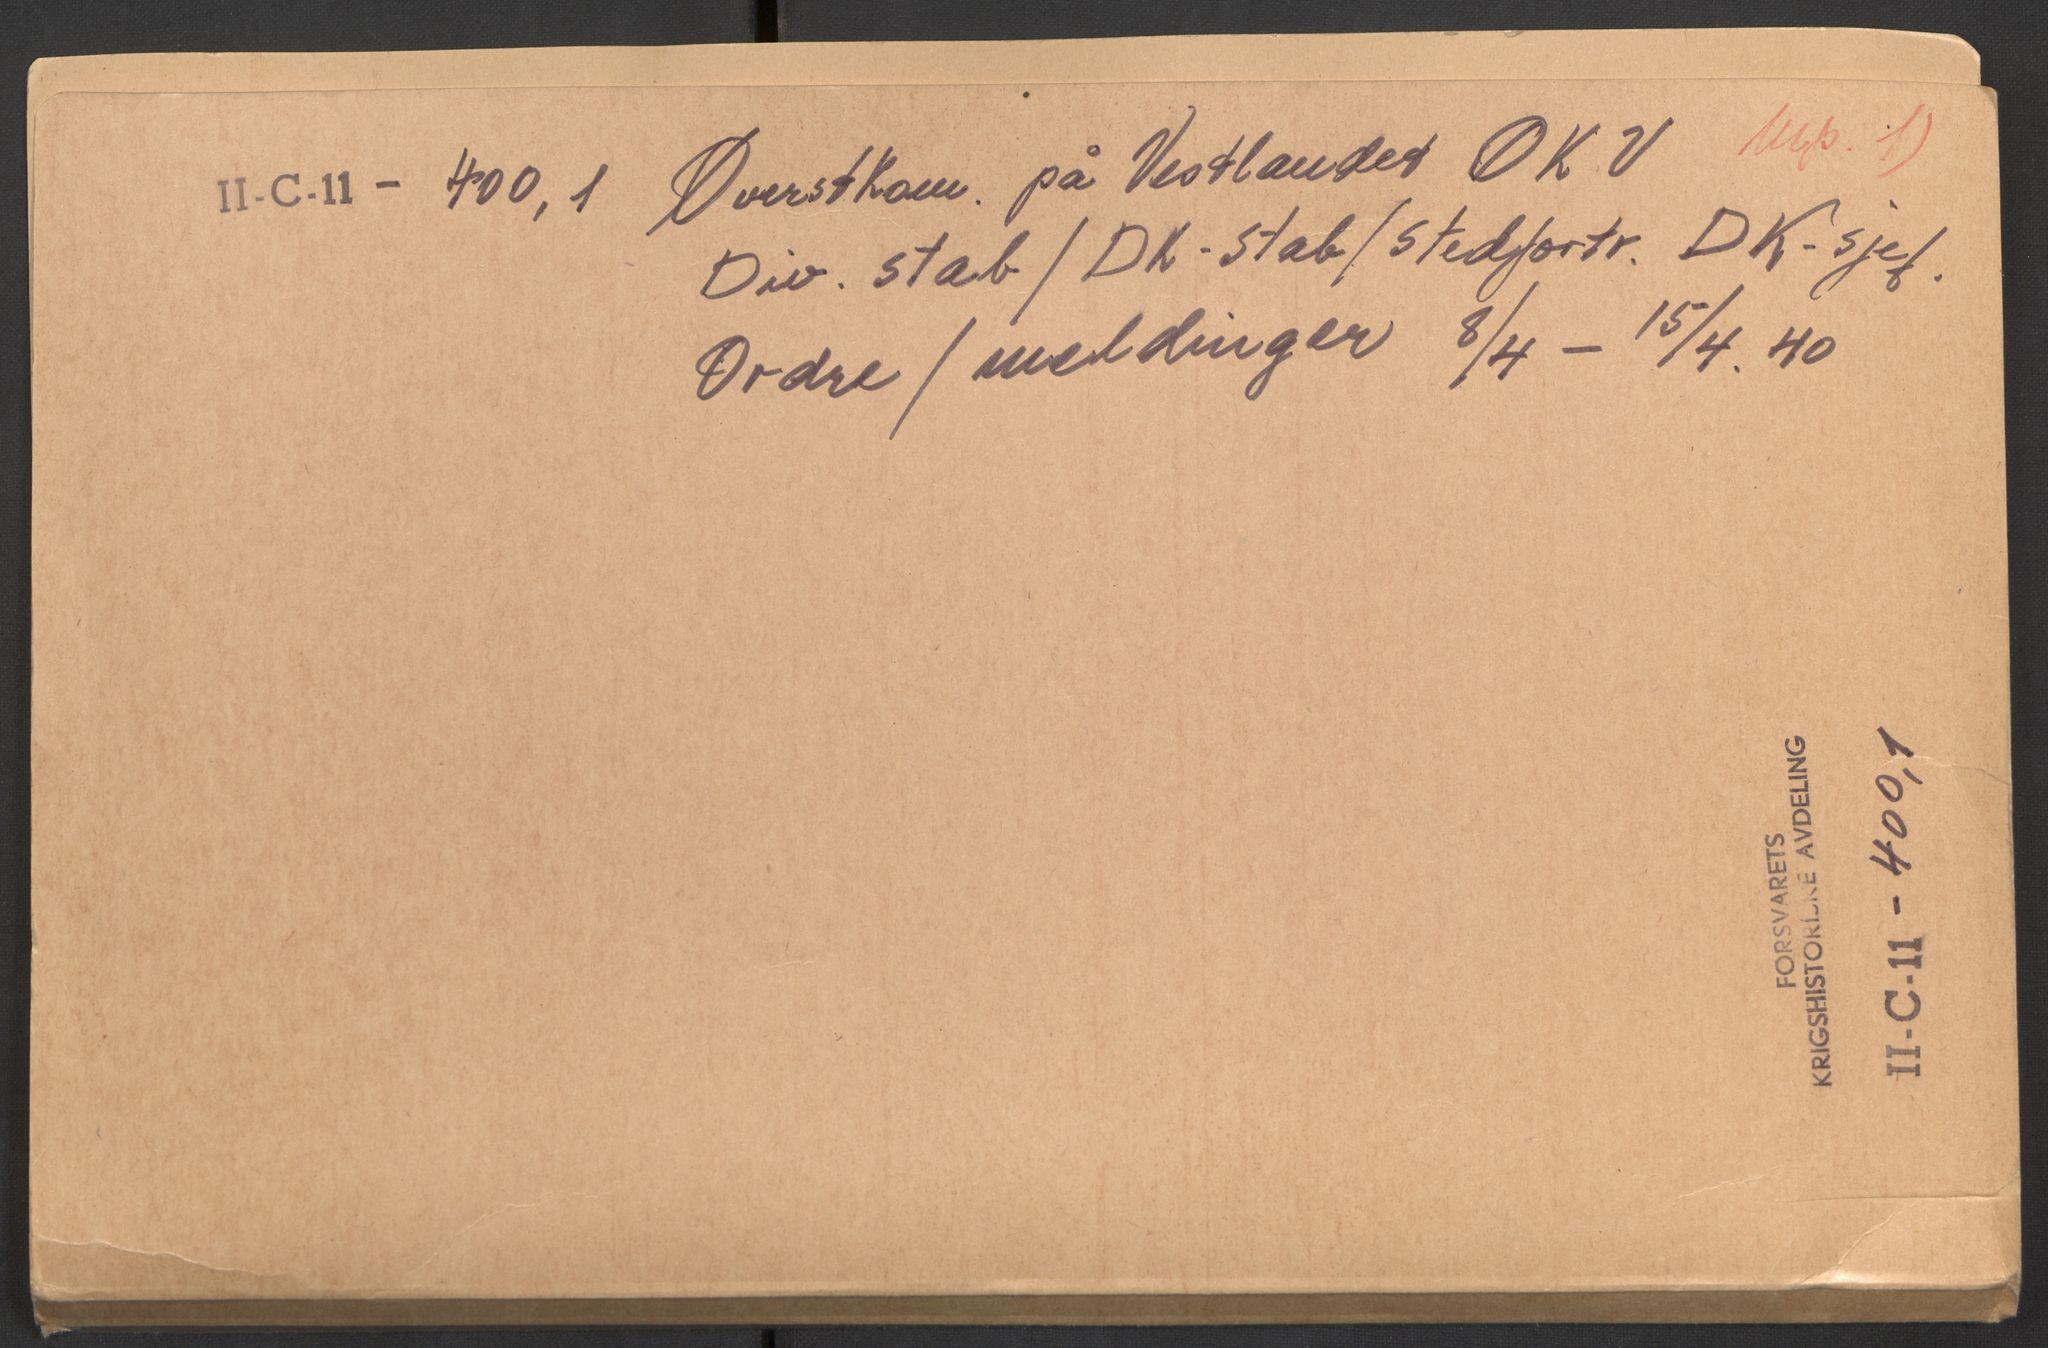 RA, Forsvaret, Forsvarets krigshistoriske avdeling, Y/Yb/L0098: II-C-11-400  -  4. Divisjon., 1940, s. 1